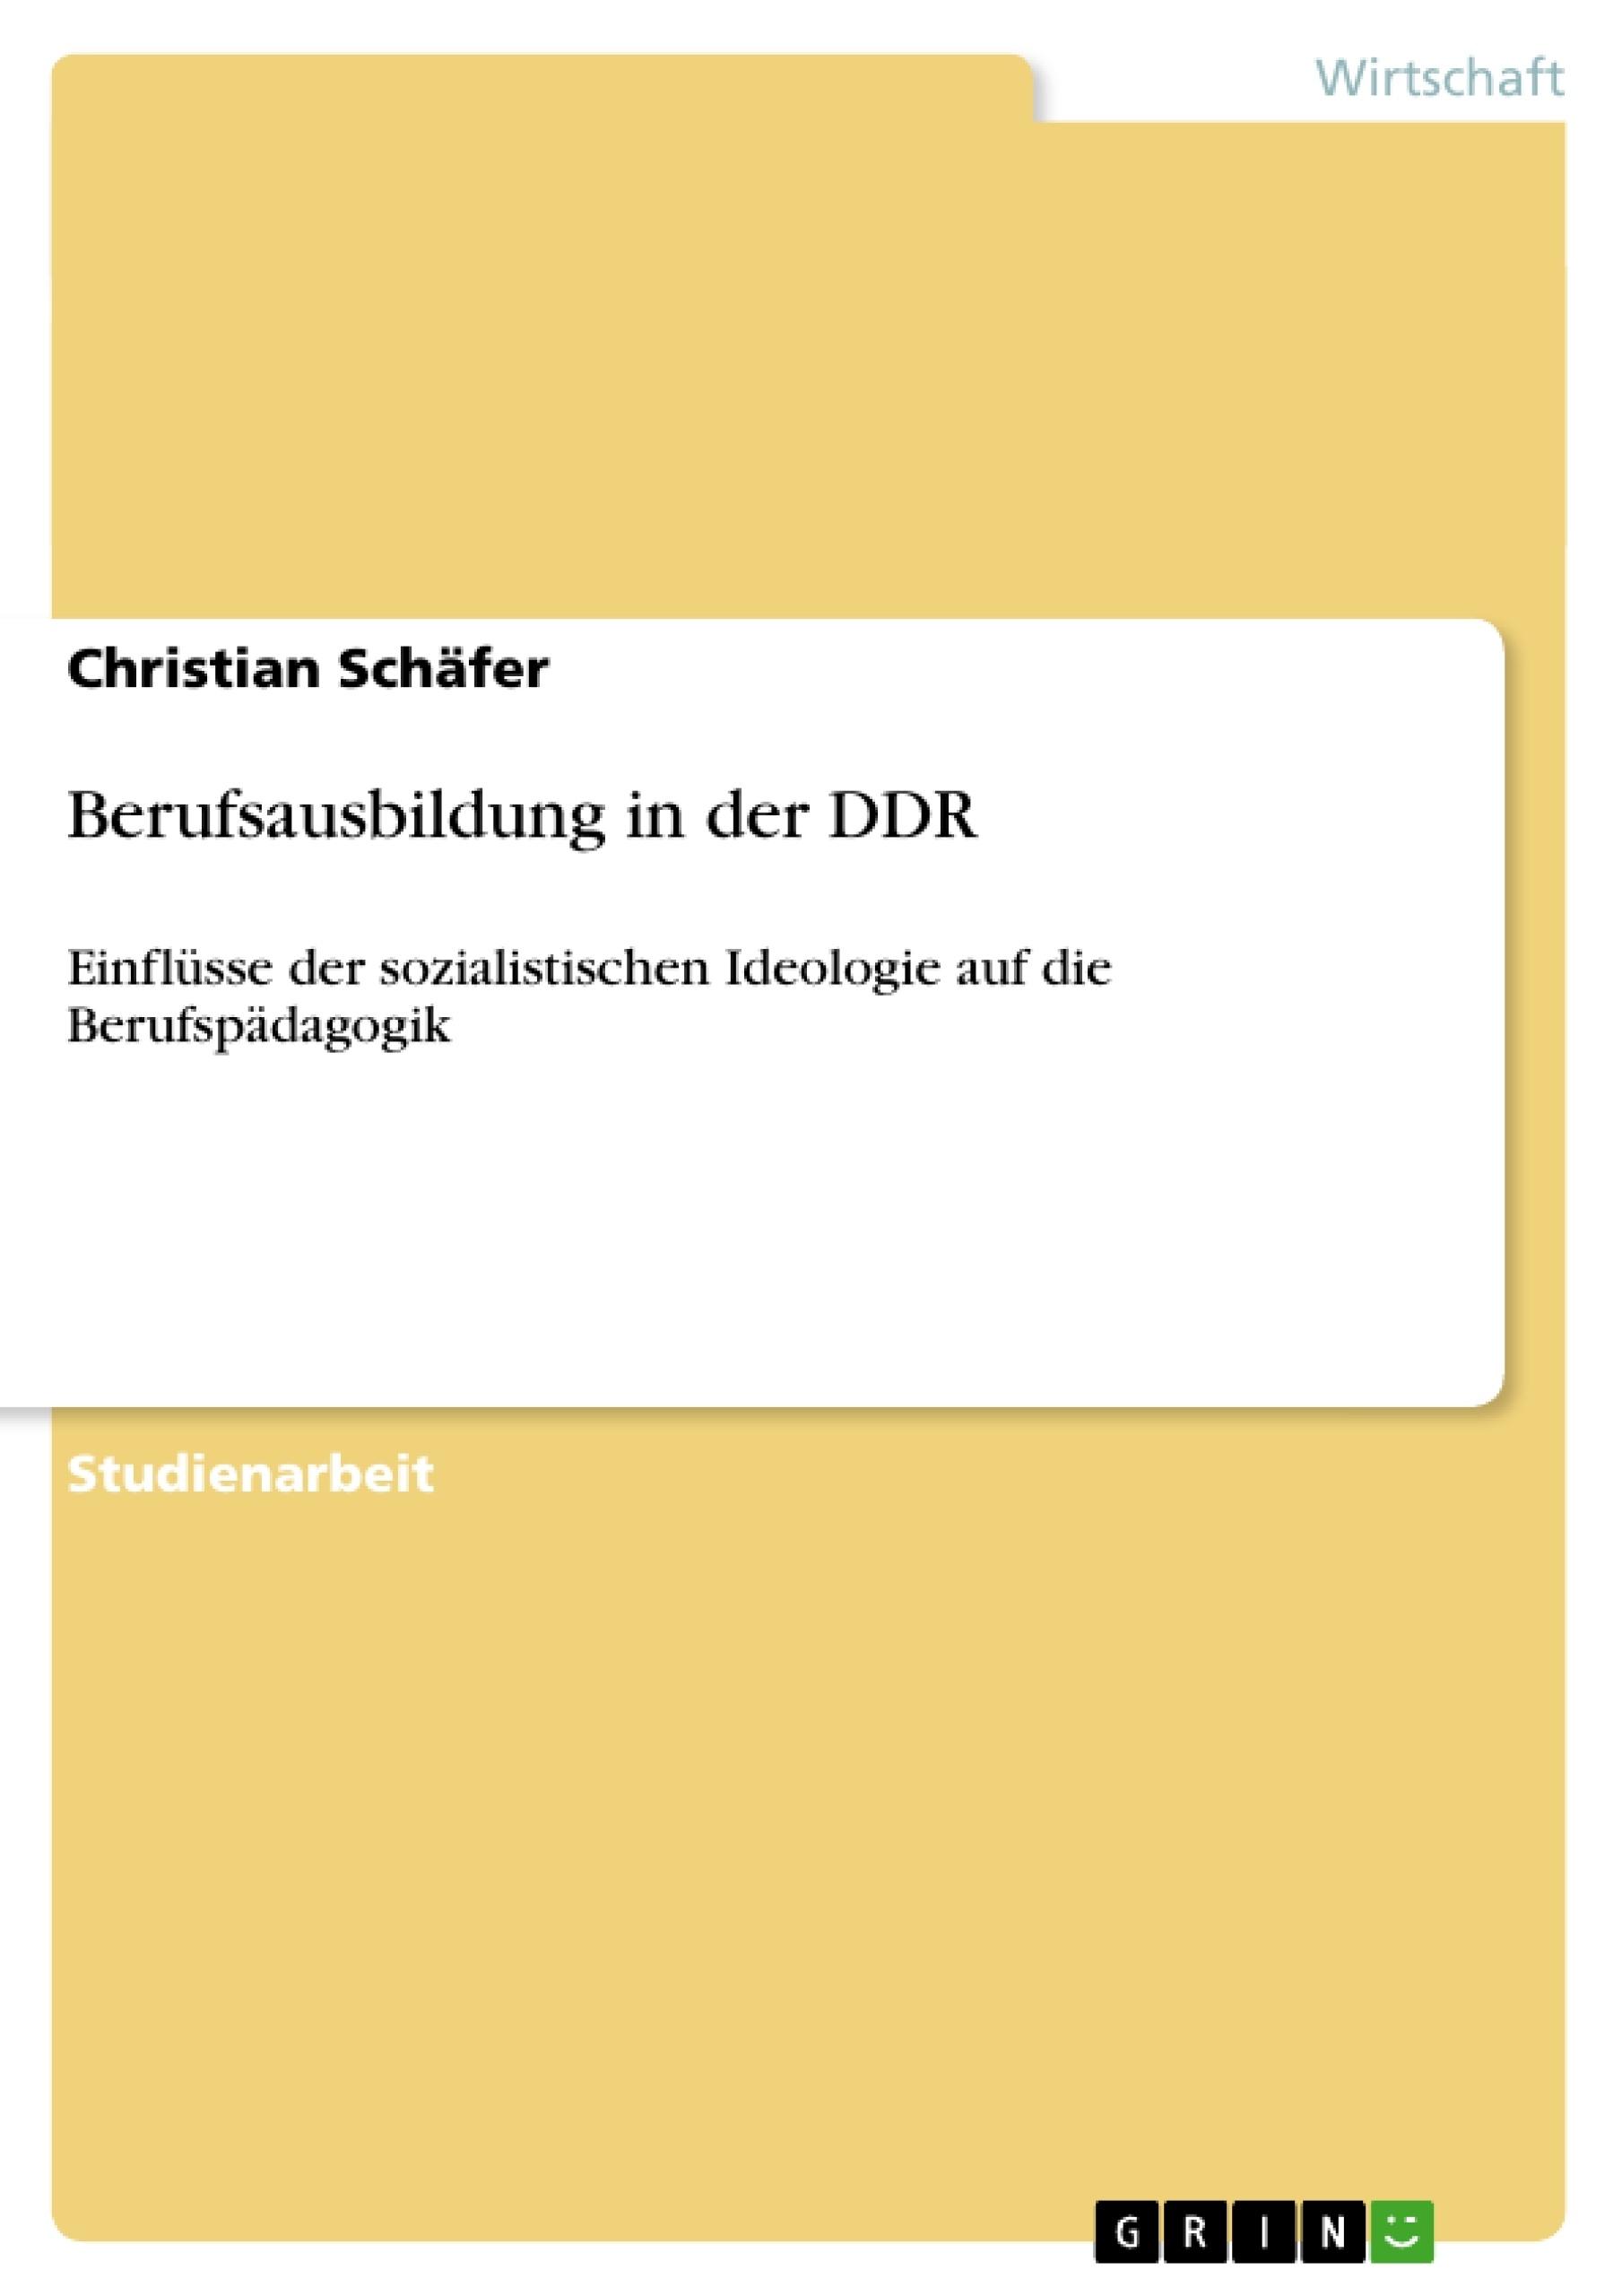 Titel: Berufsausbildung in der DDR